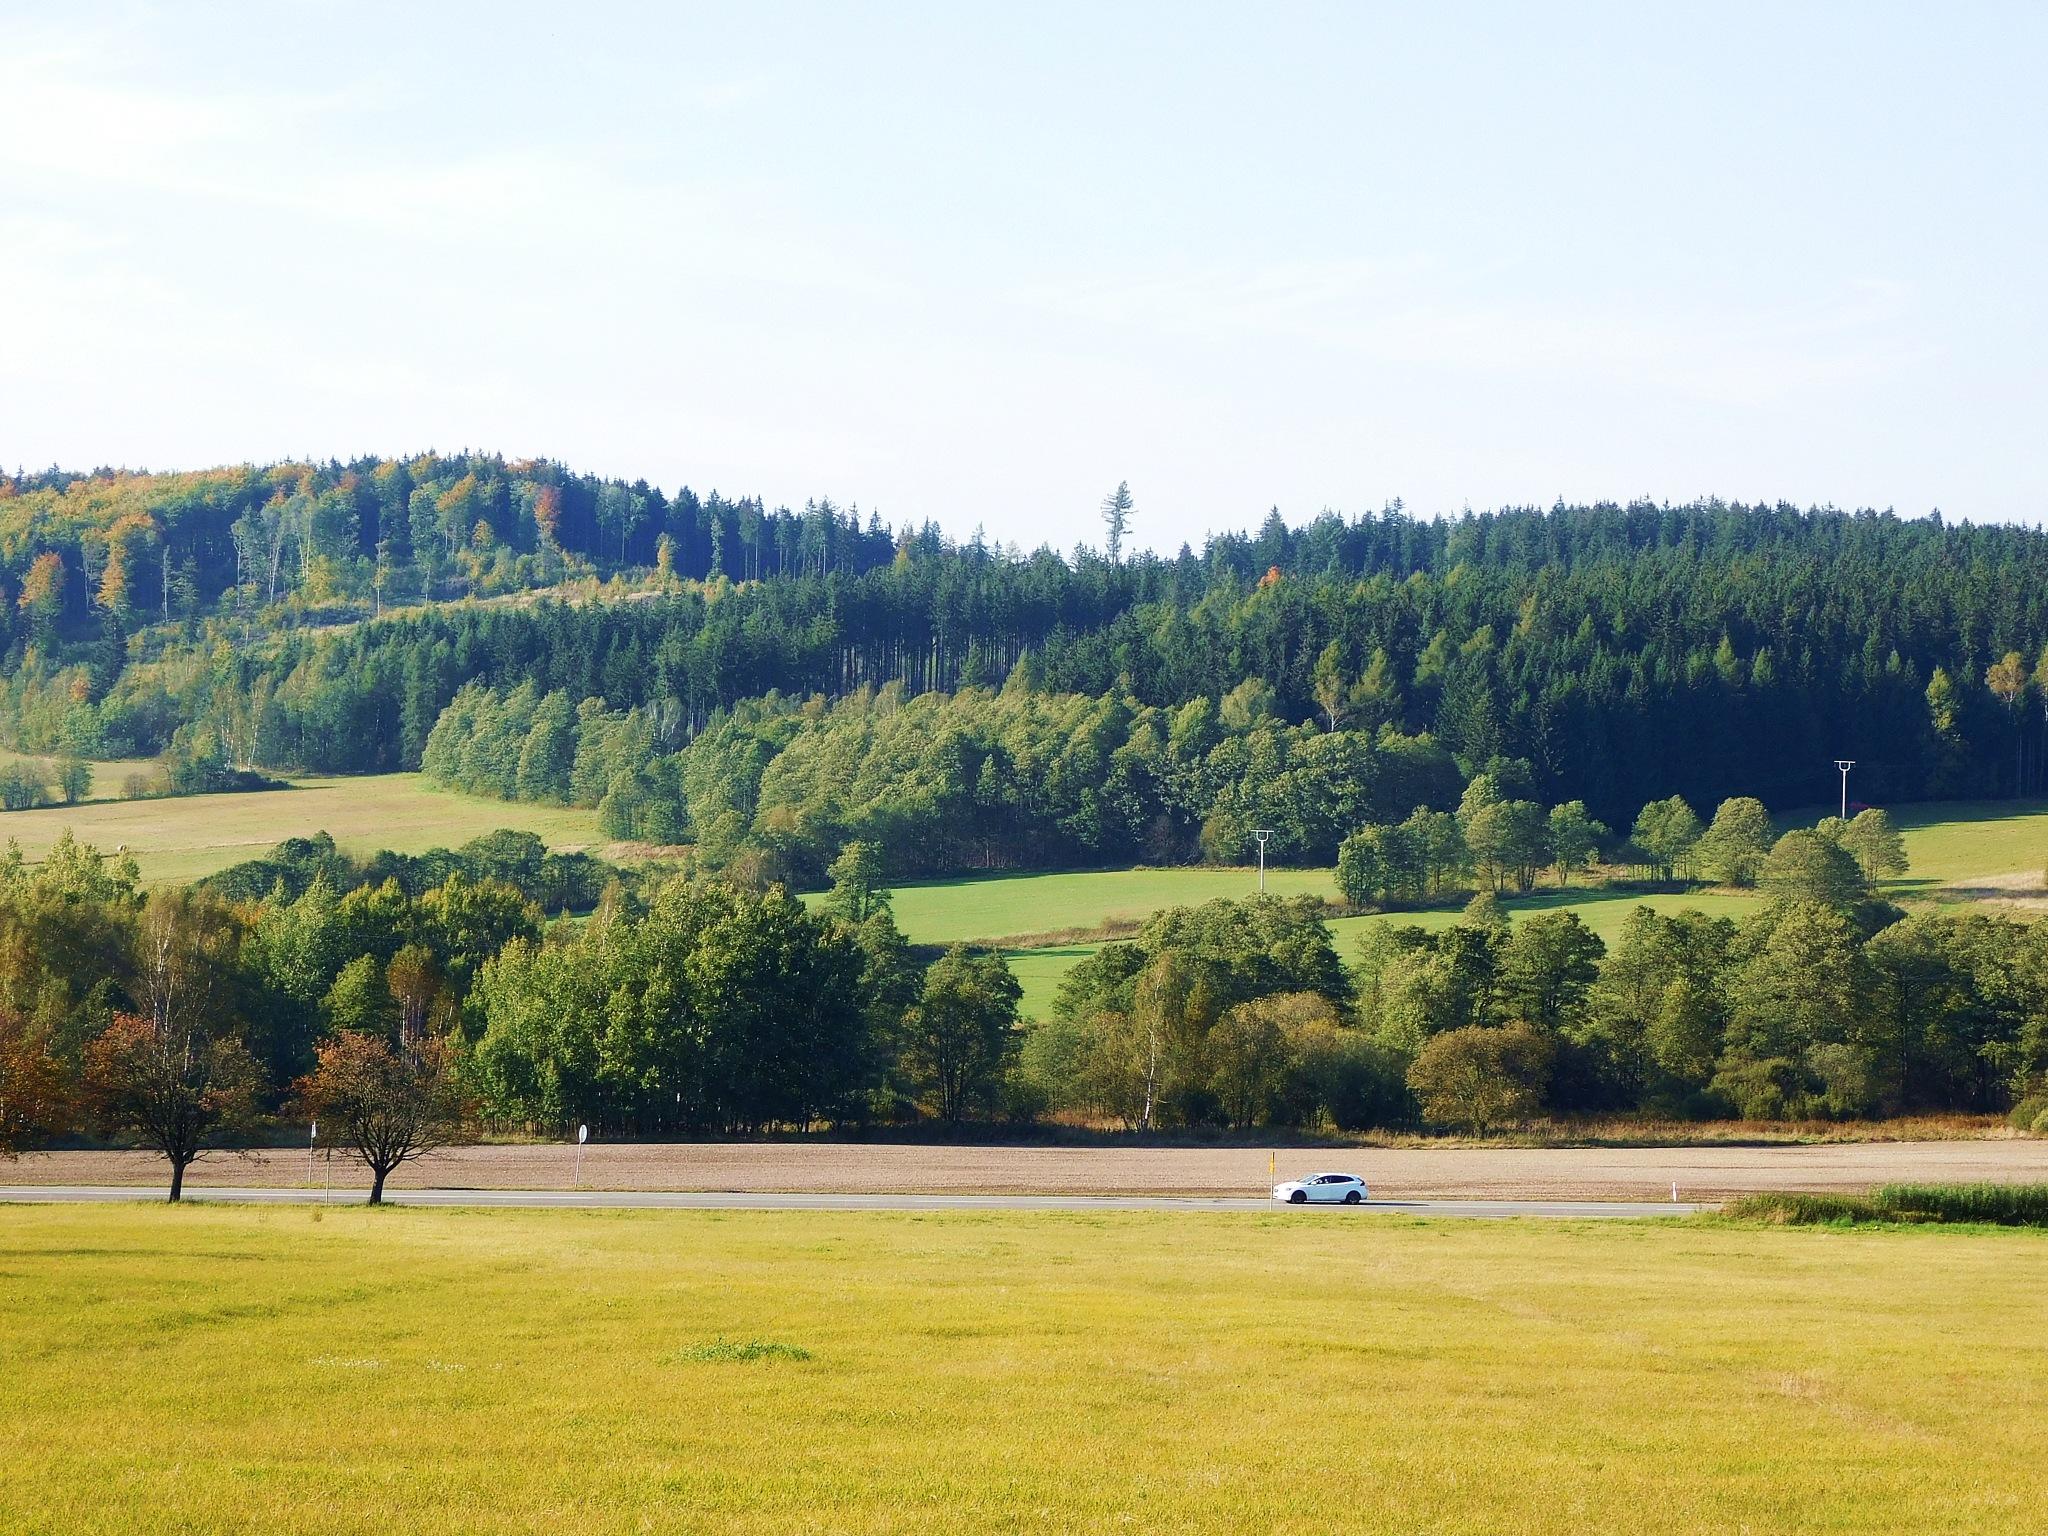 jesienny krajobraz by Zbyszek Kolano